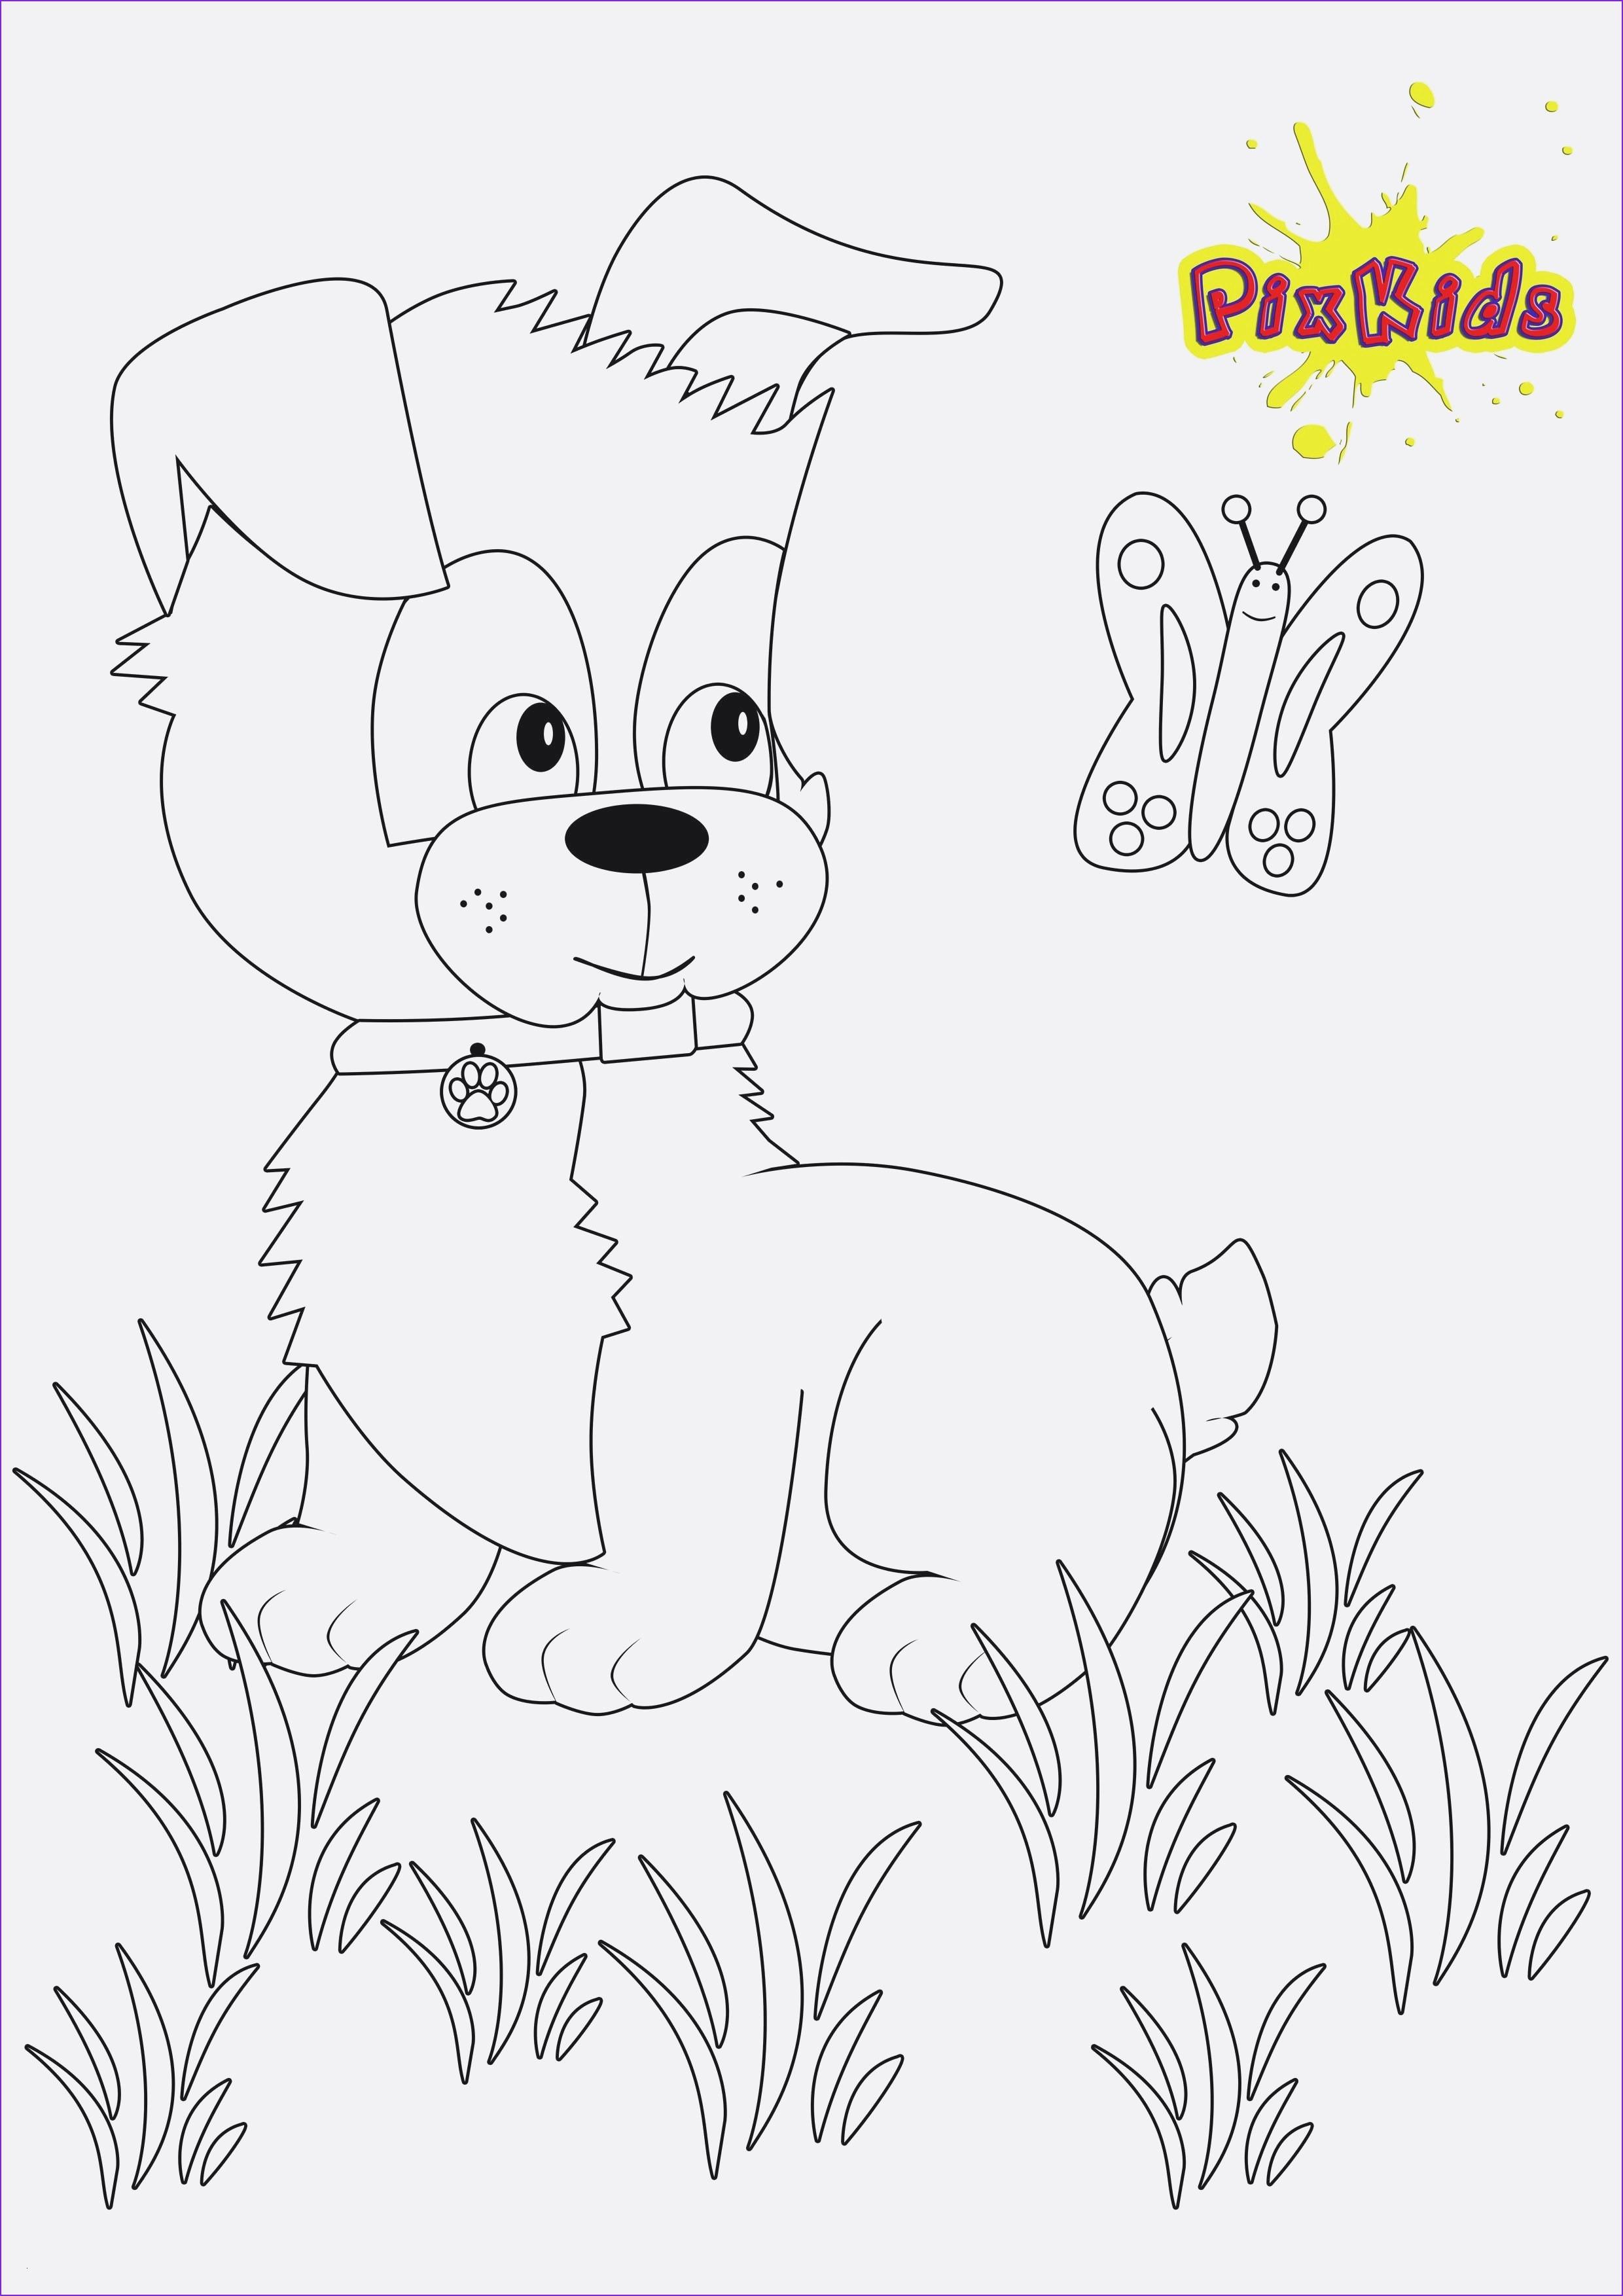 Ausmalbilder Von Ninjago Einzigartig 40 Ausmalbilder Ninjago Pythor Scoredatscore Schön Hund Ausmalbilder Fotografieren